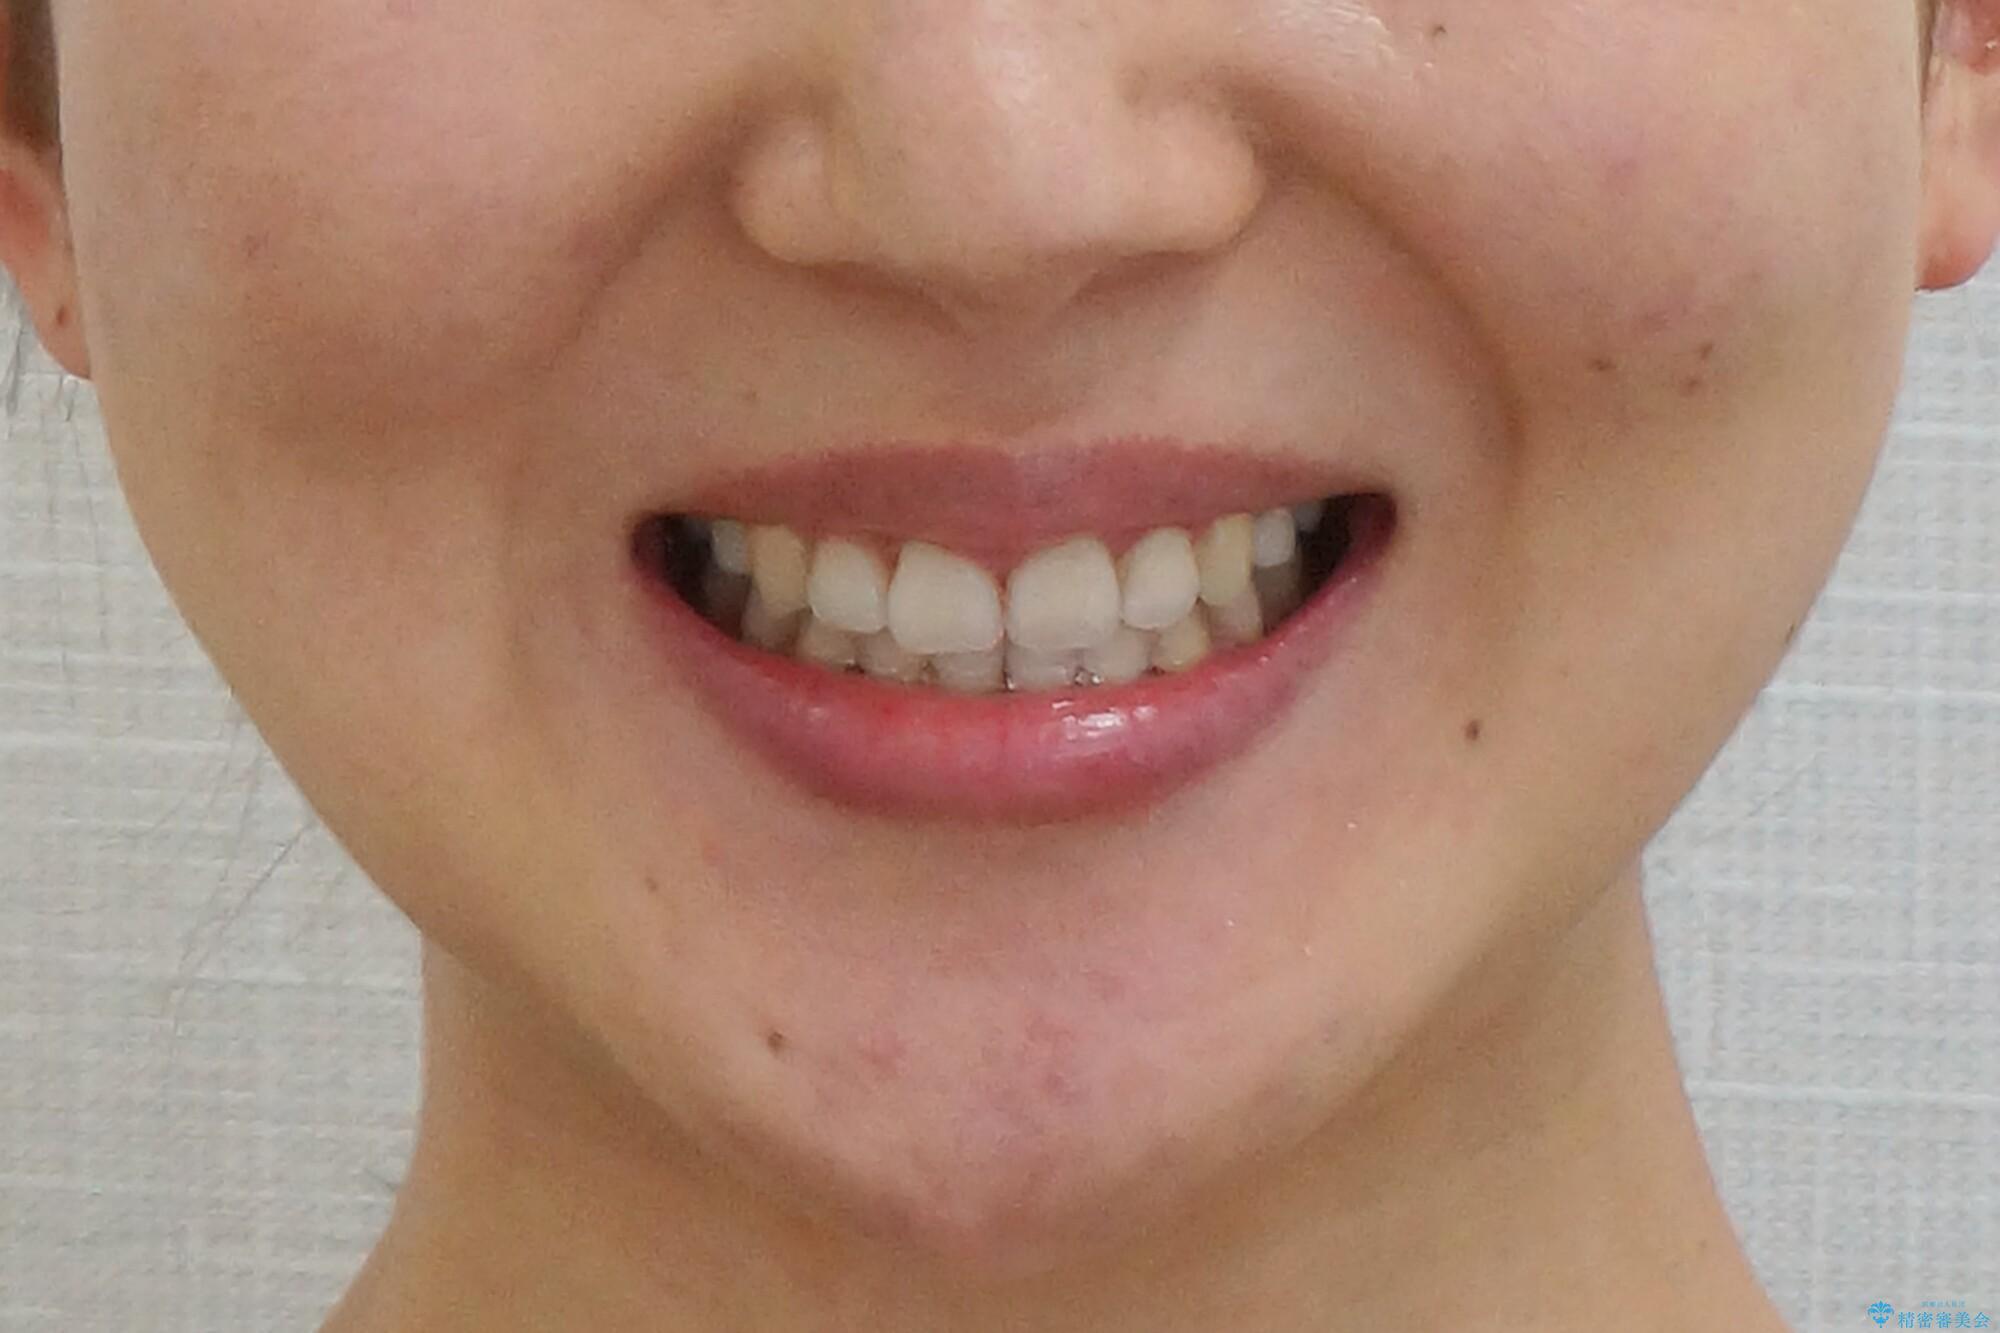 美容整形よりも、自然な美しさを。口元は大事です。の治療後(顔貌)